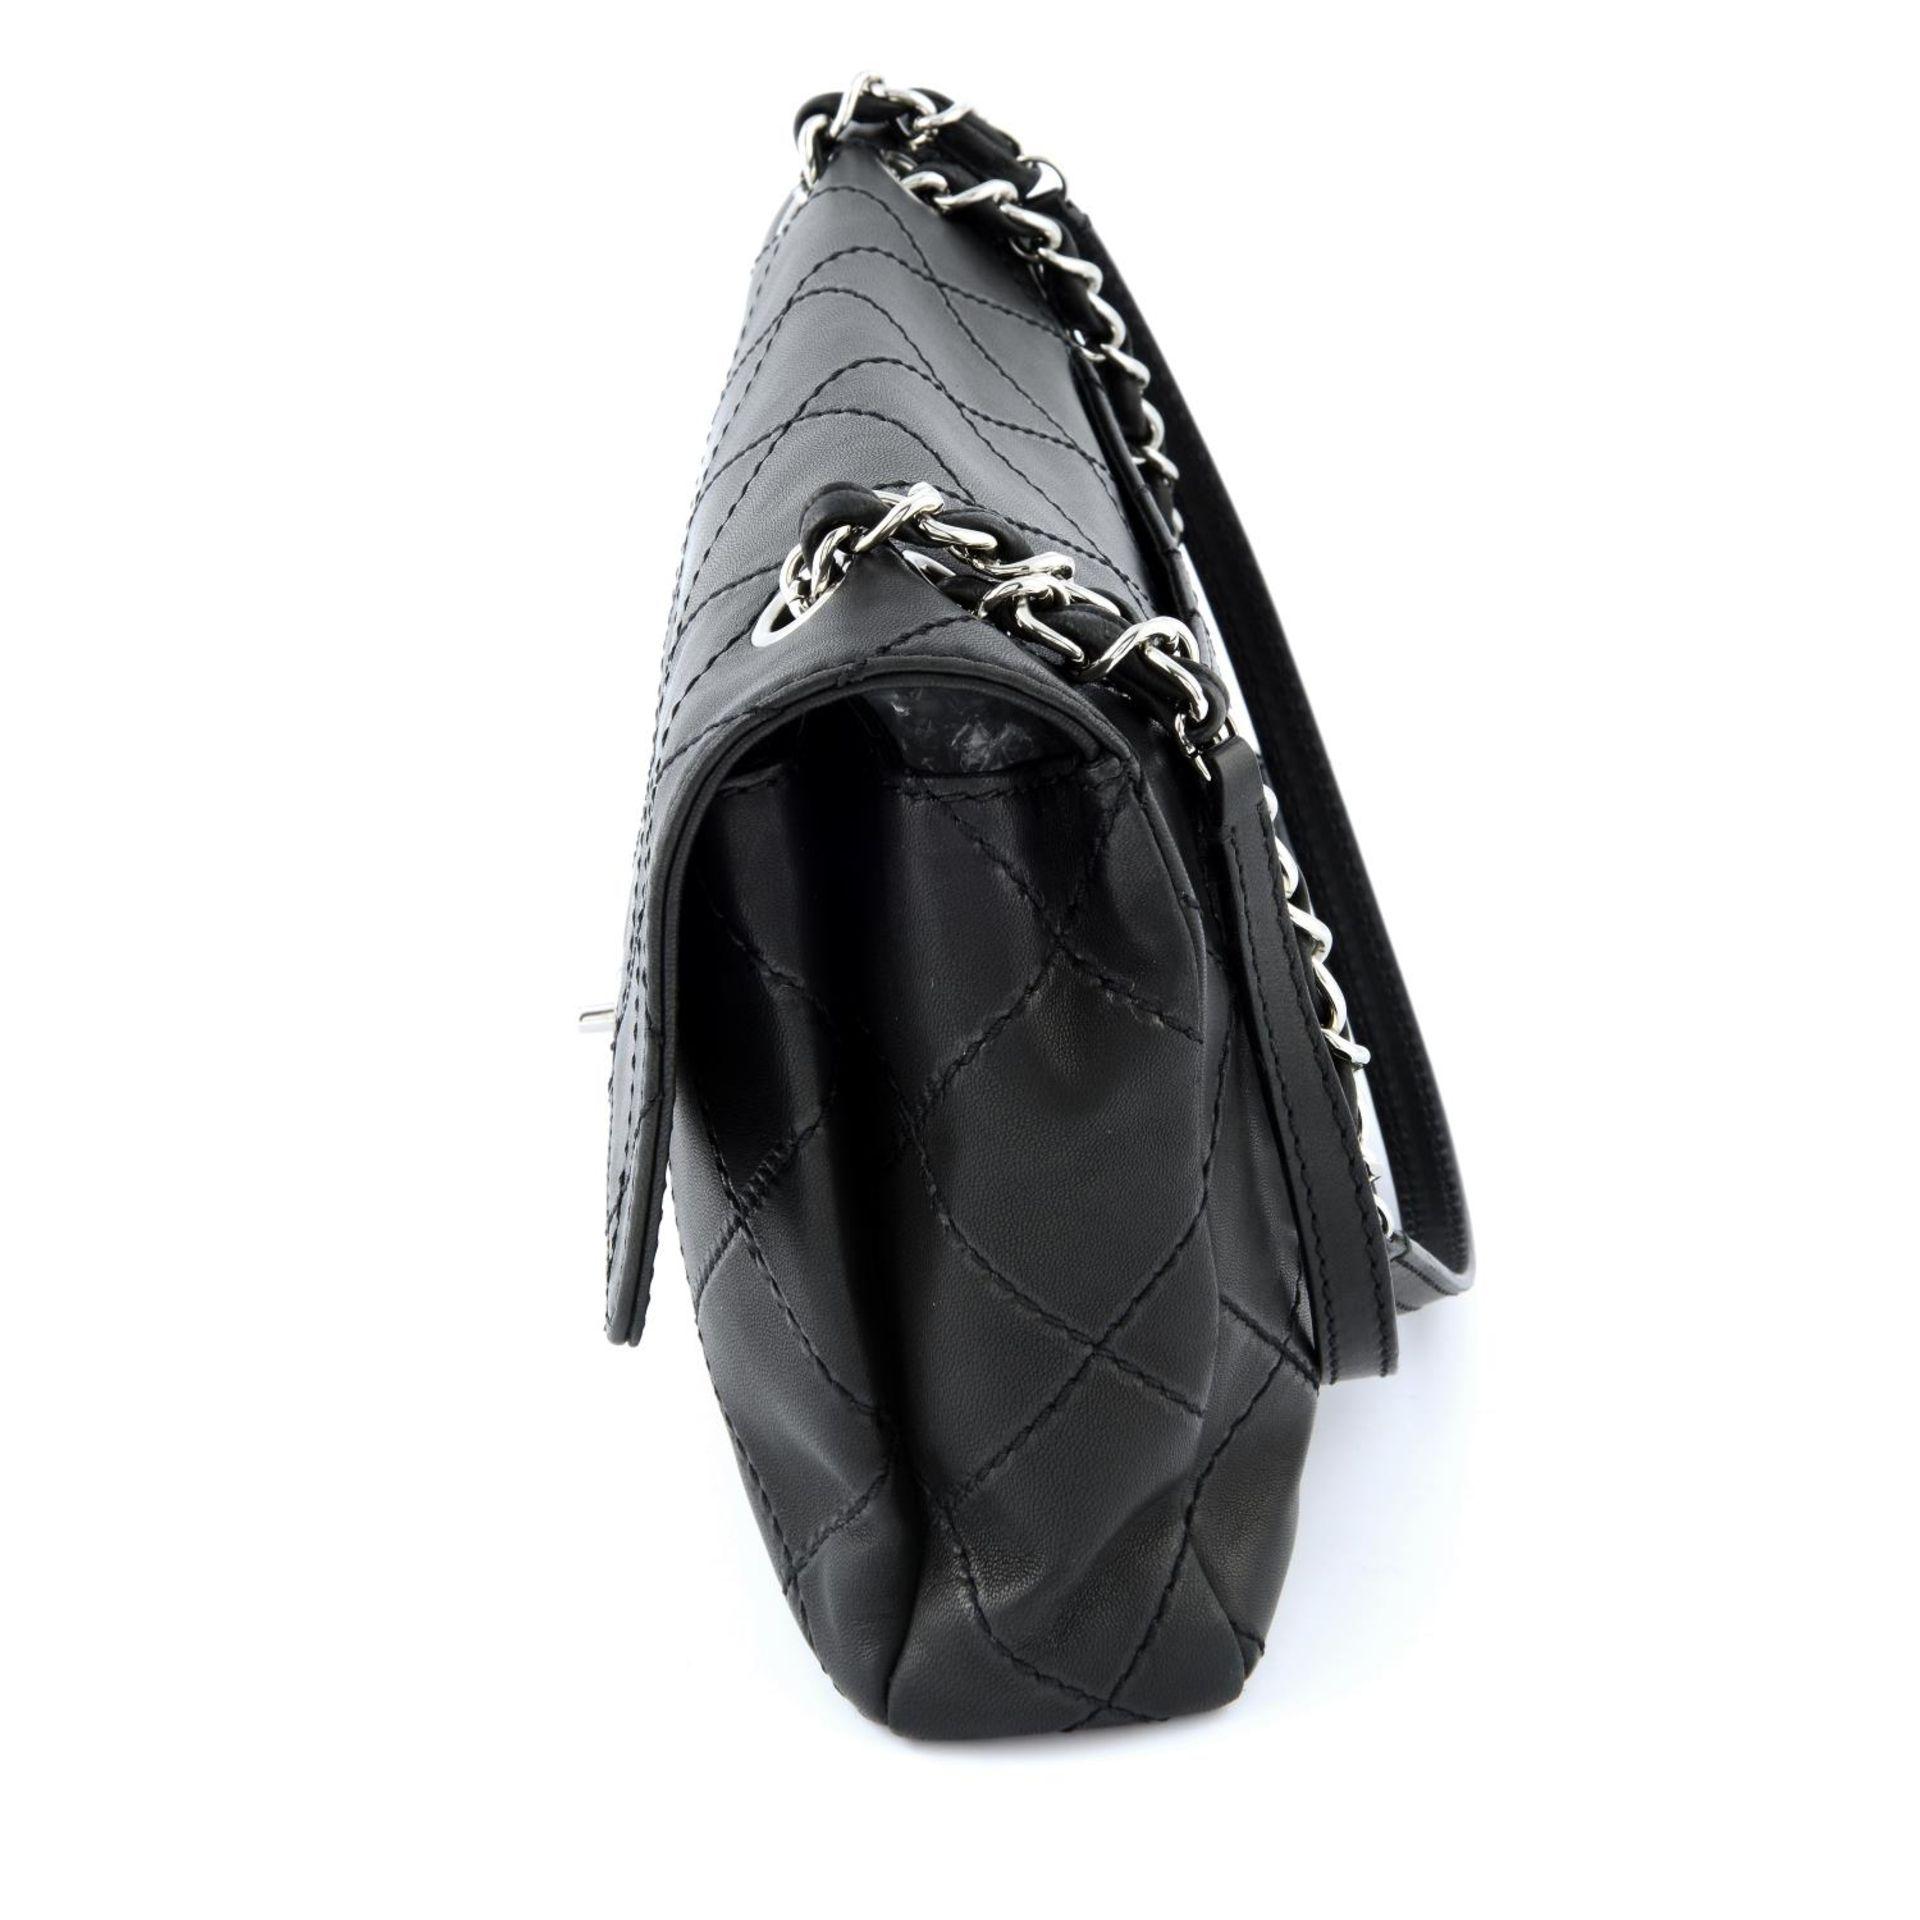 CHANEL - a maxi single flap handbag. - Image 4 of 5